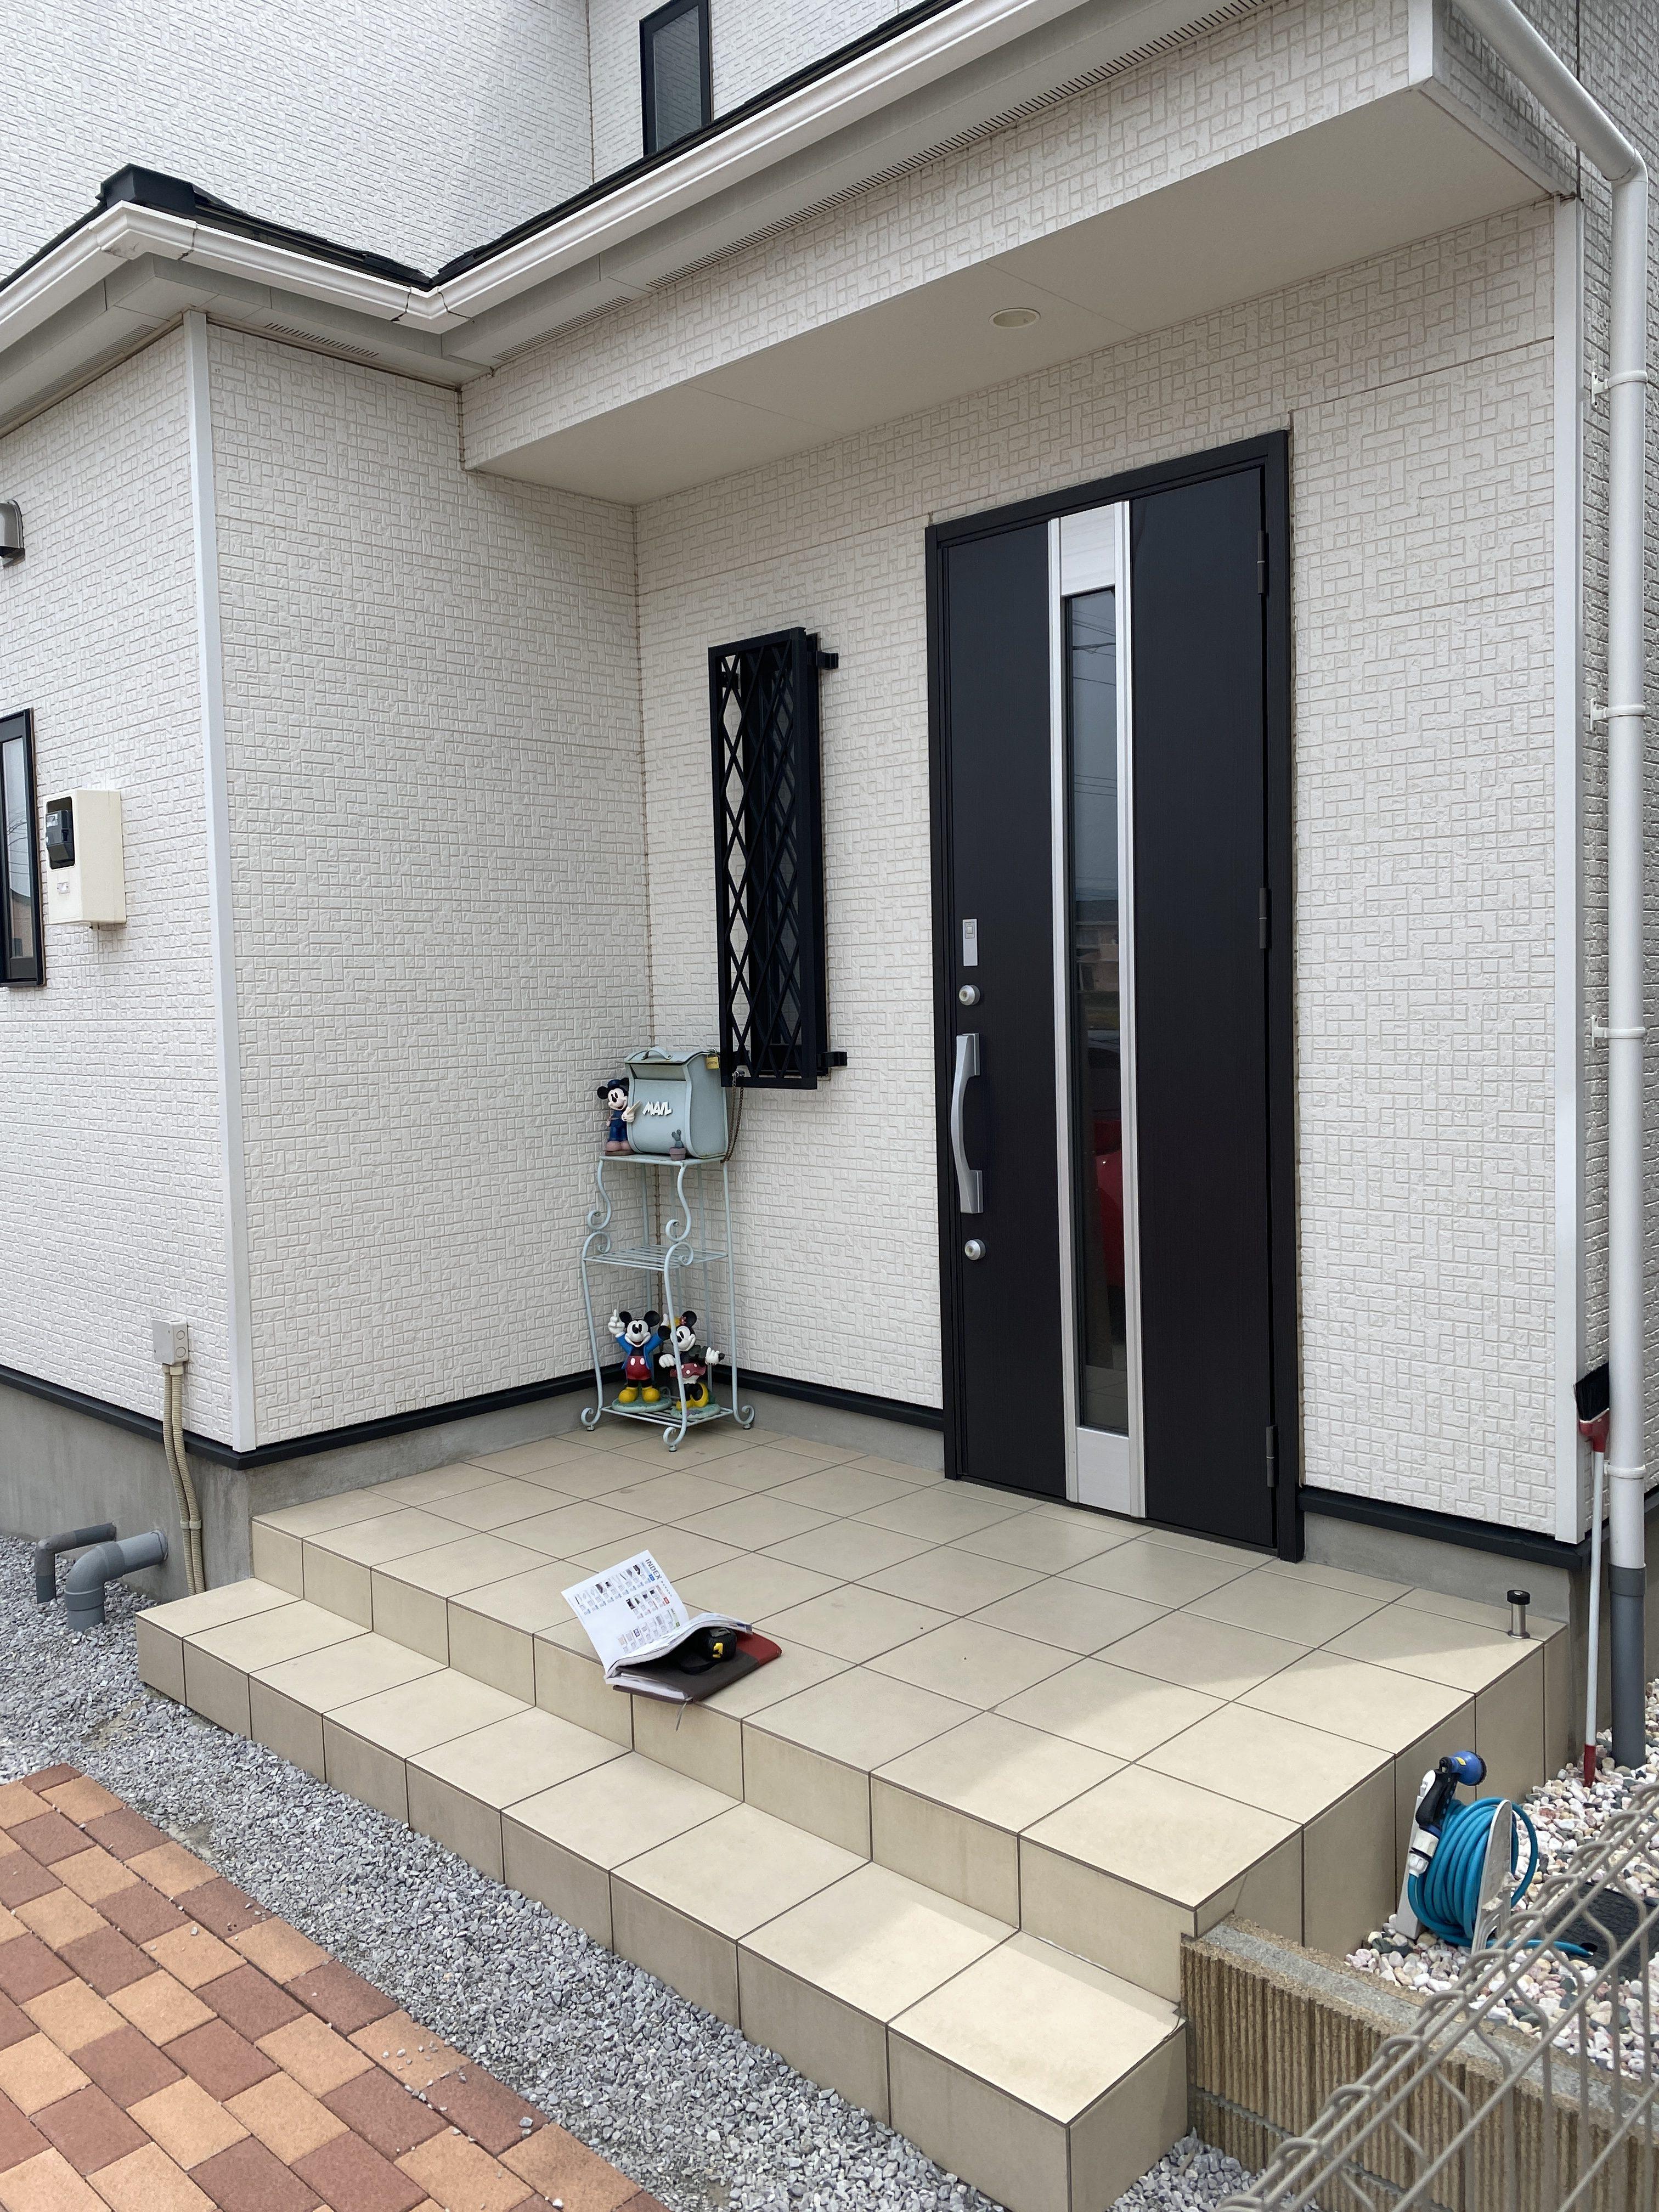 M Baseの*玄関のひさし設置工事*の施工前の写真1